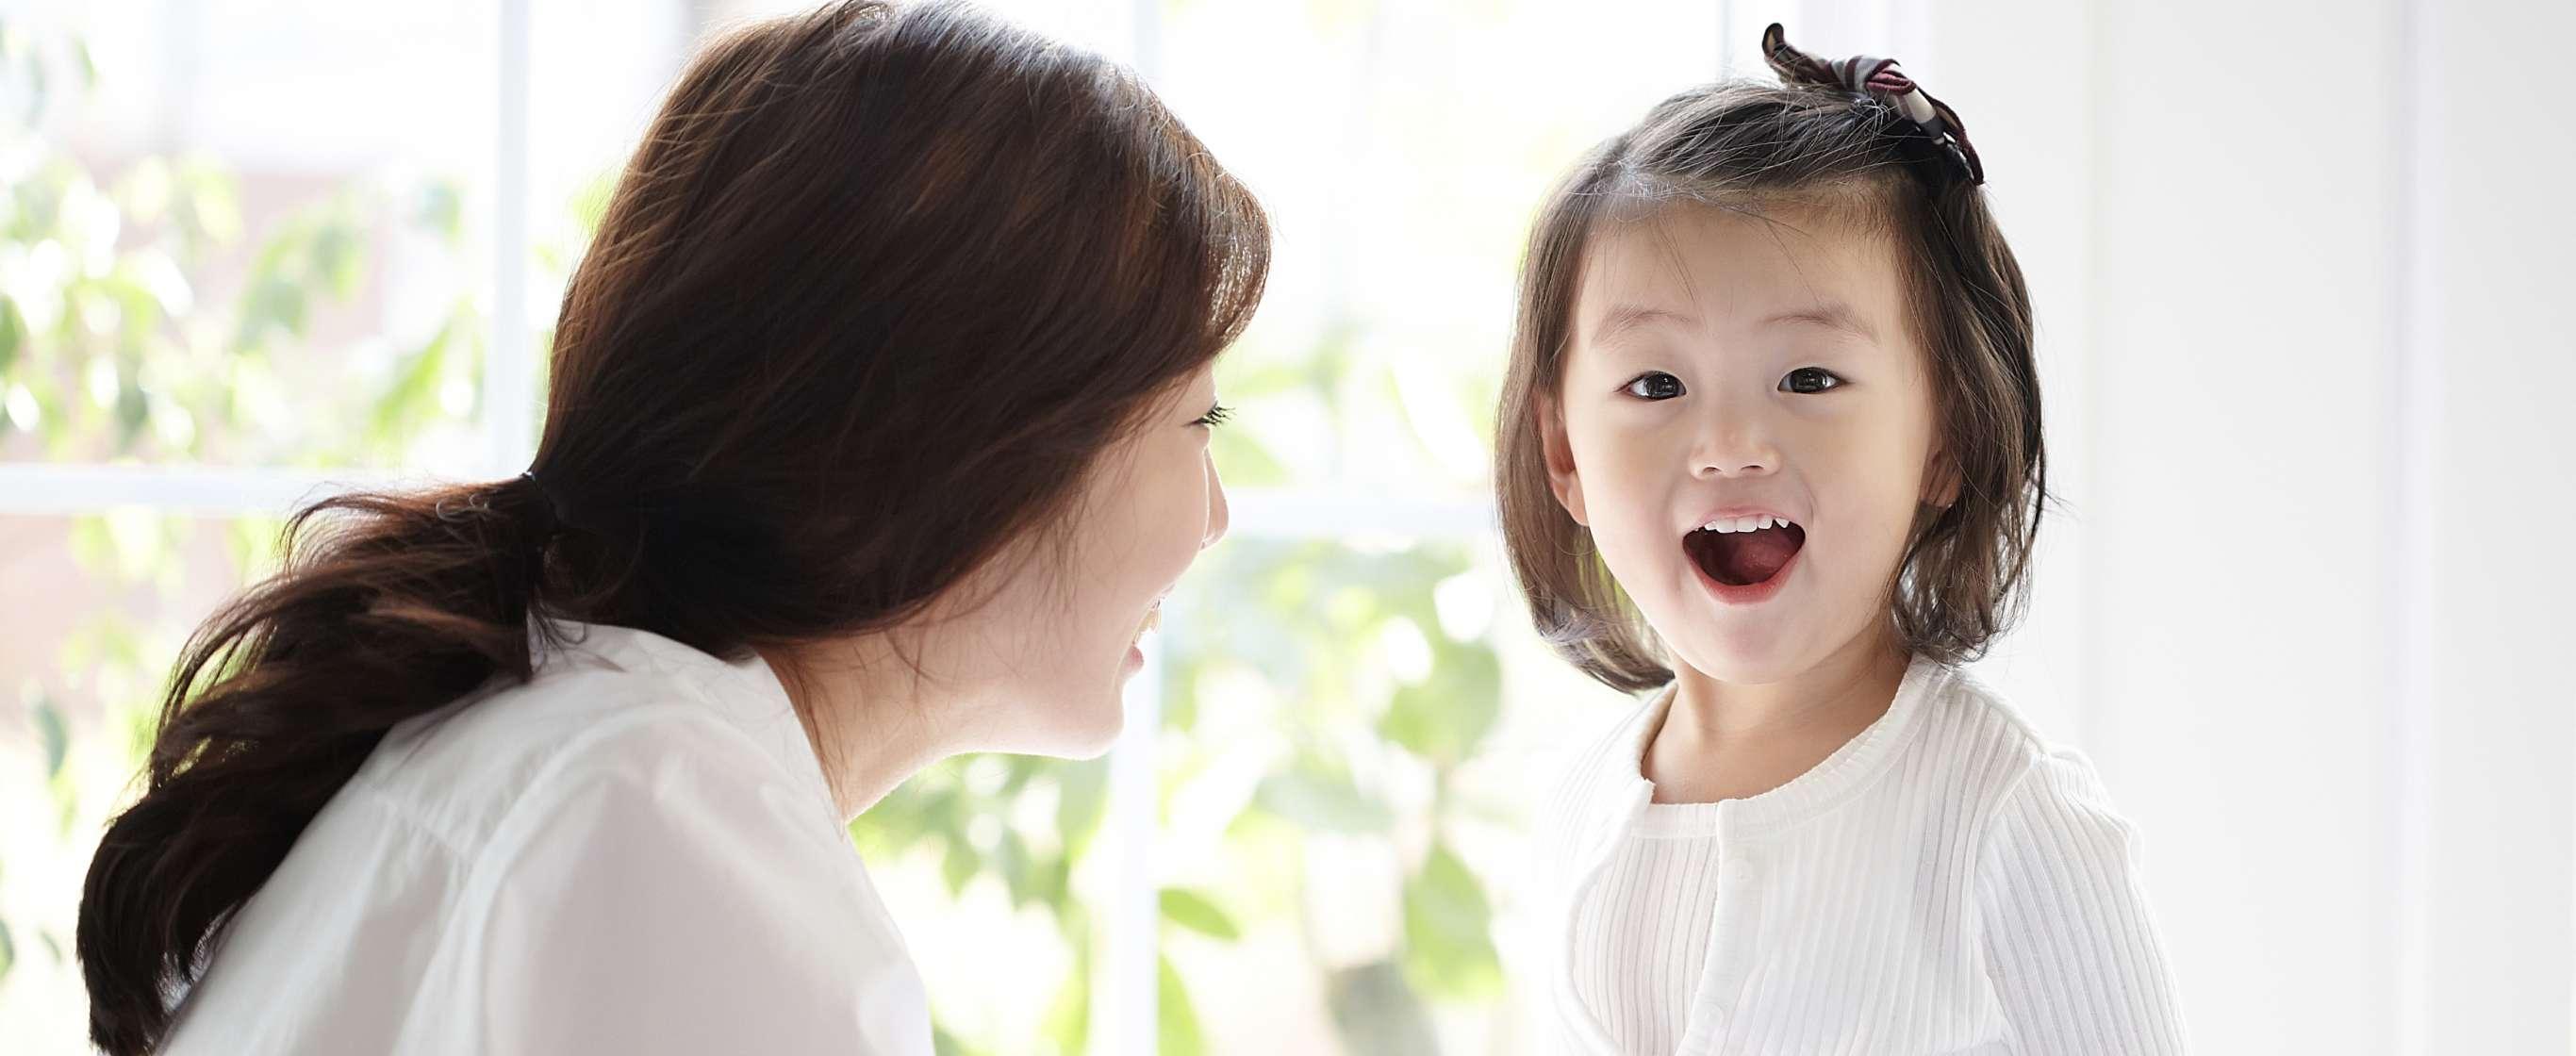 5 điều người lớn nên học từ trẻ em | Prudential Việt Nam